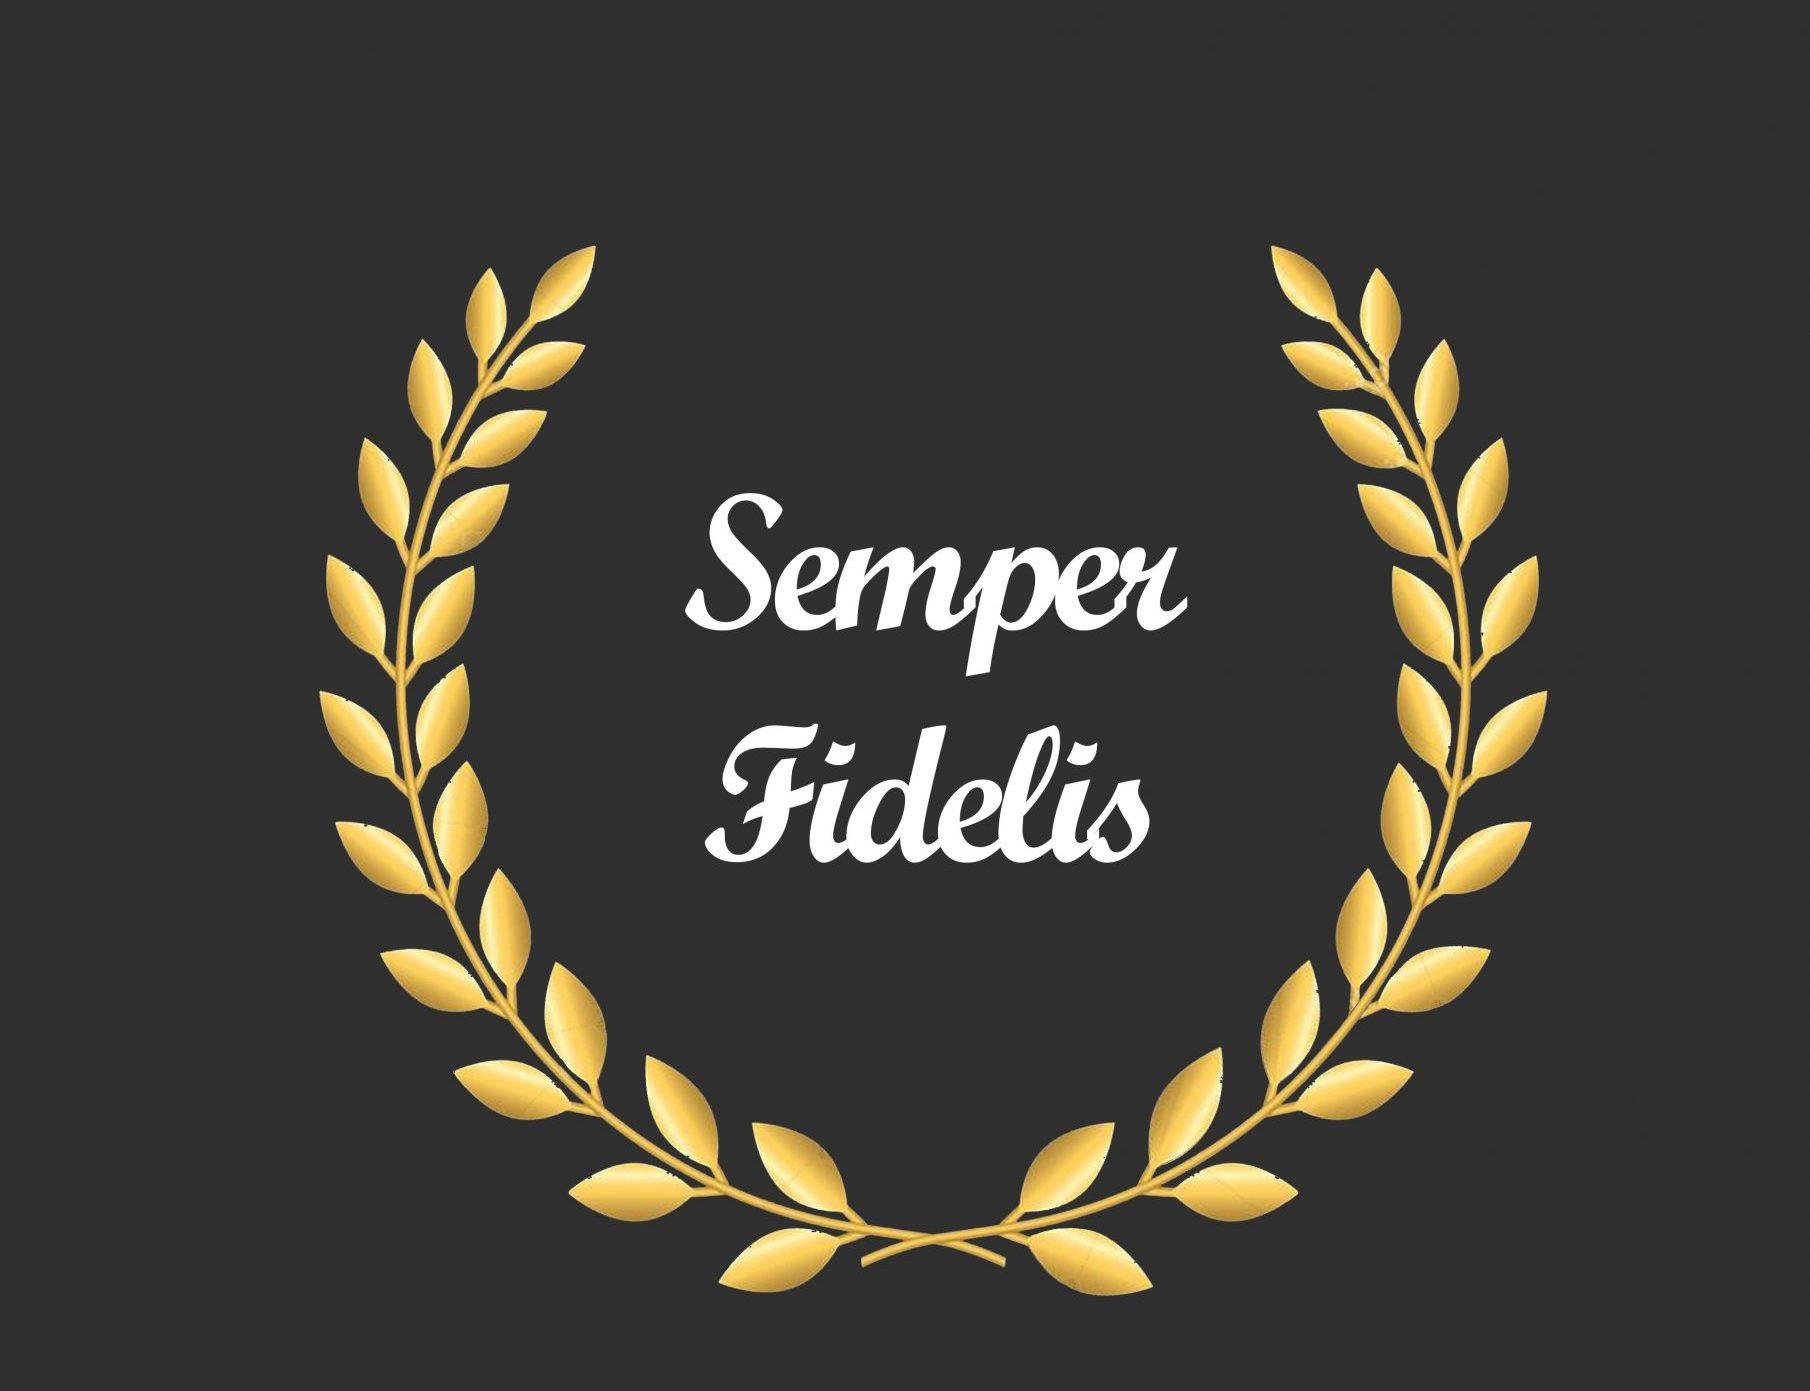 Semper Fields